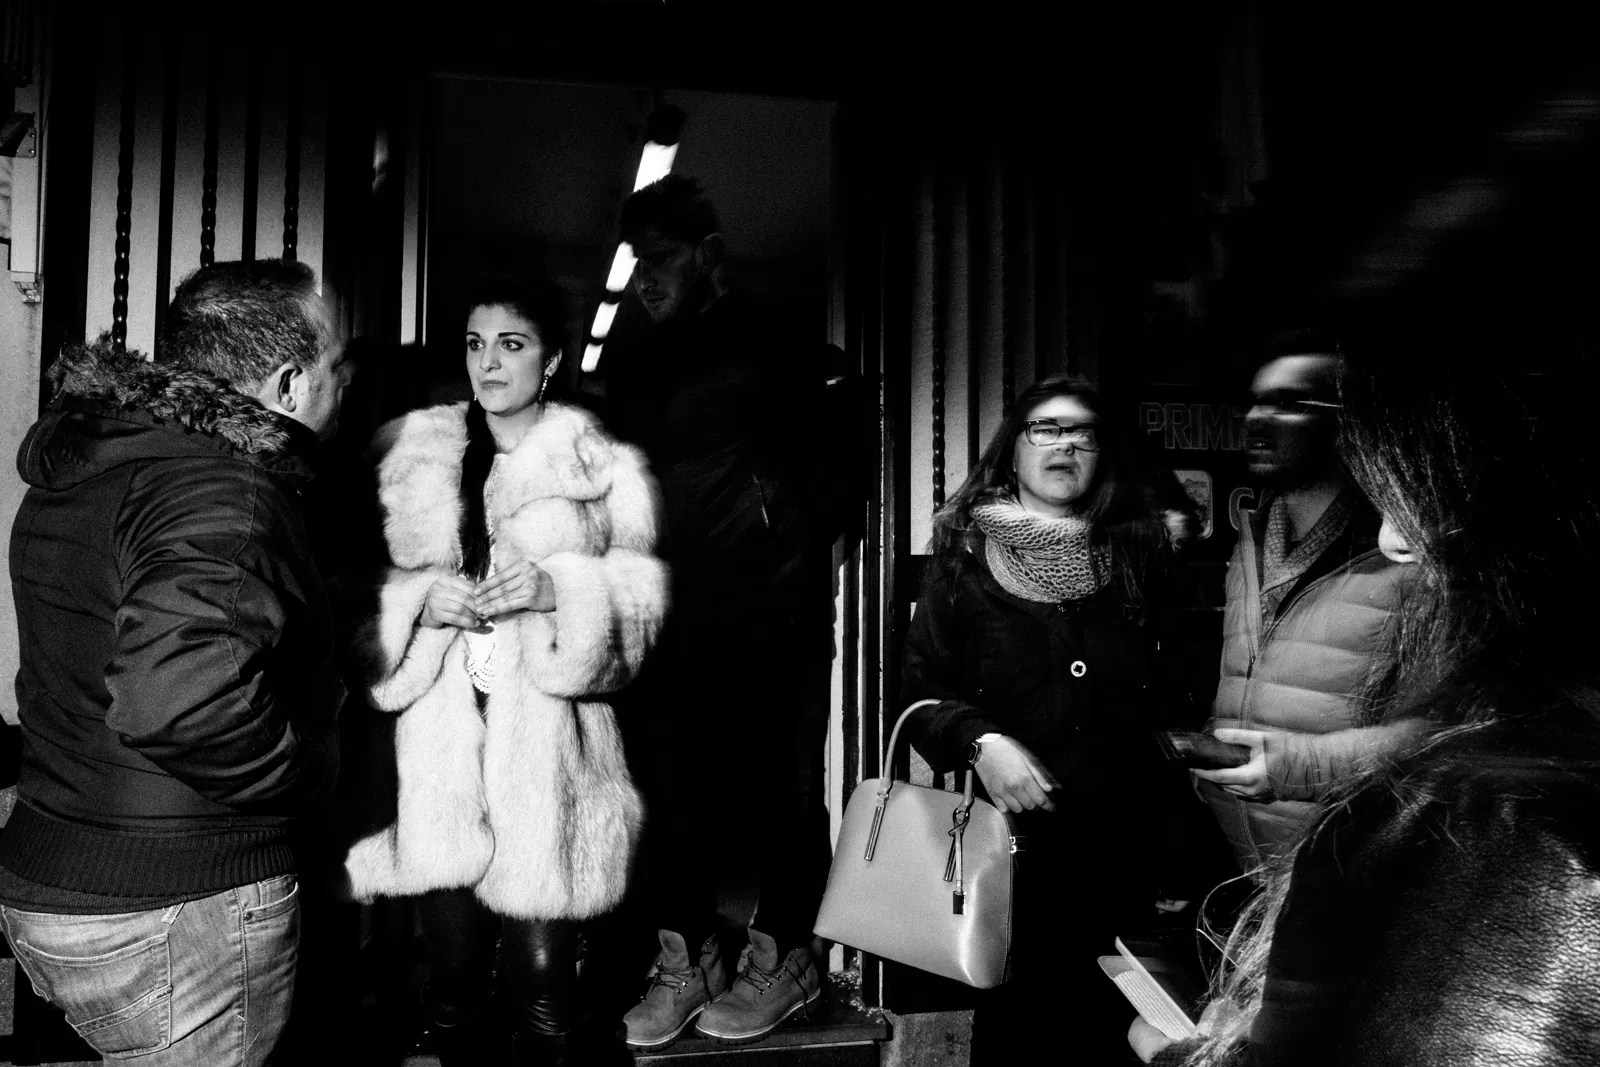 Italian Street Photography ©2016 Andrea Scirè